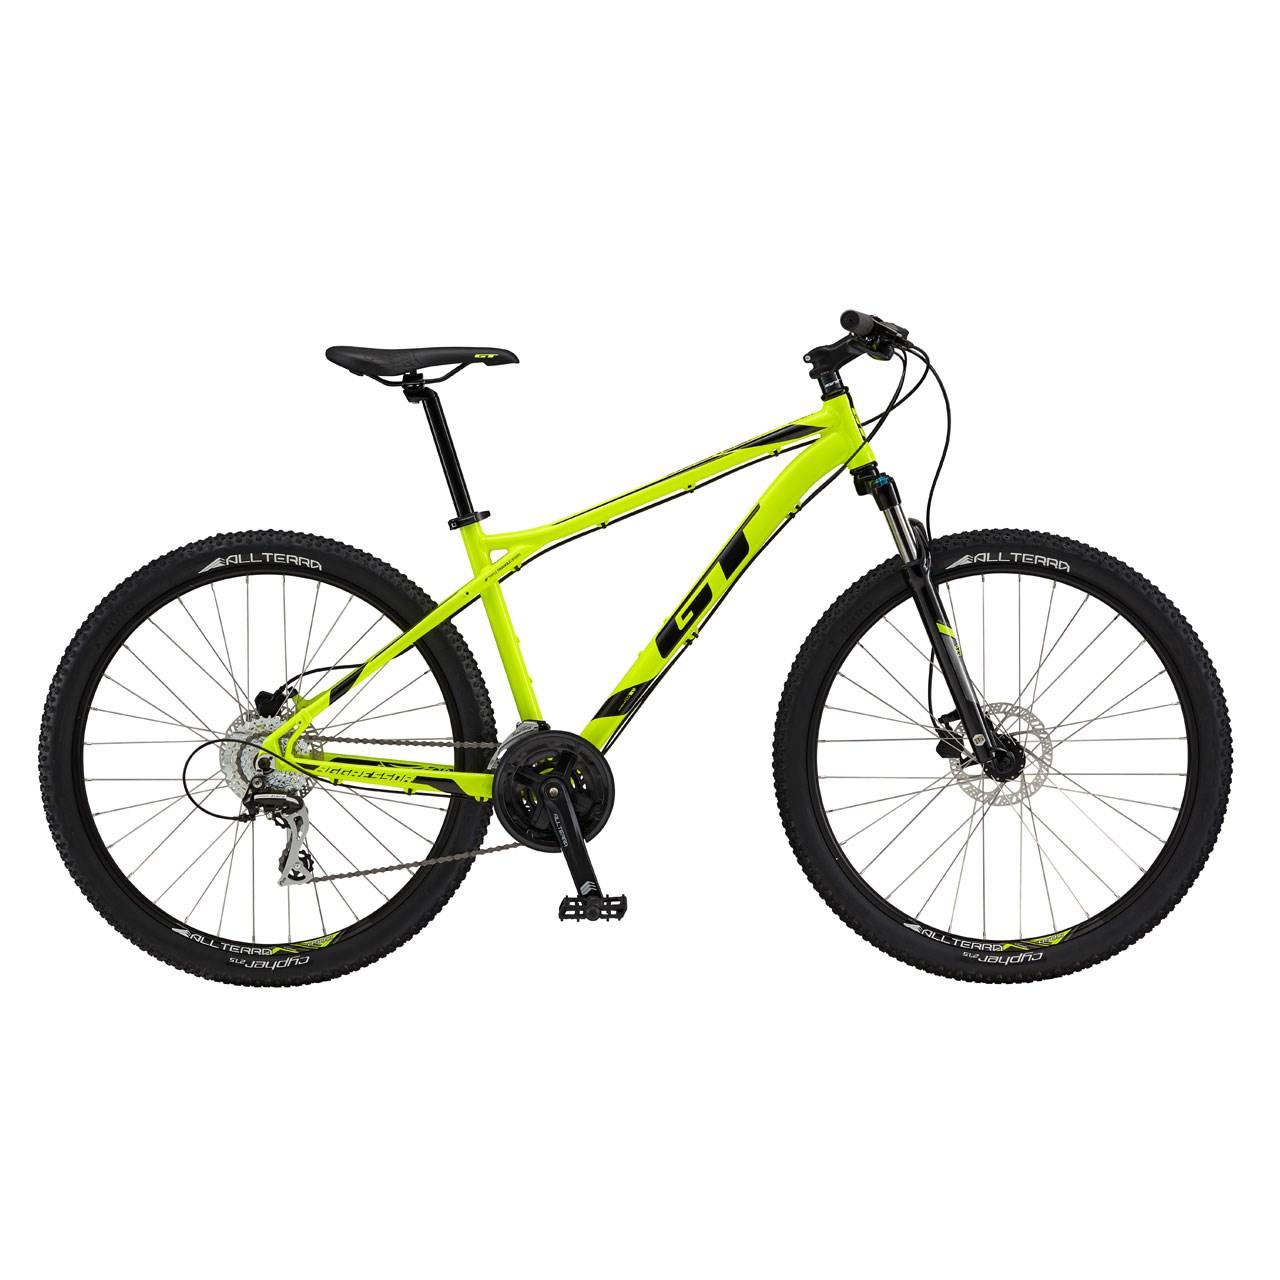 دوچرخه کوهستان جی تی مدل Agressor Expert سایز 27.5